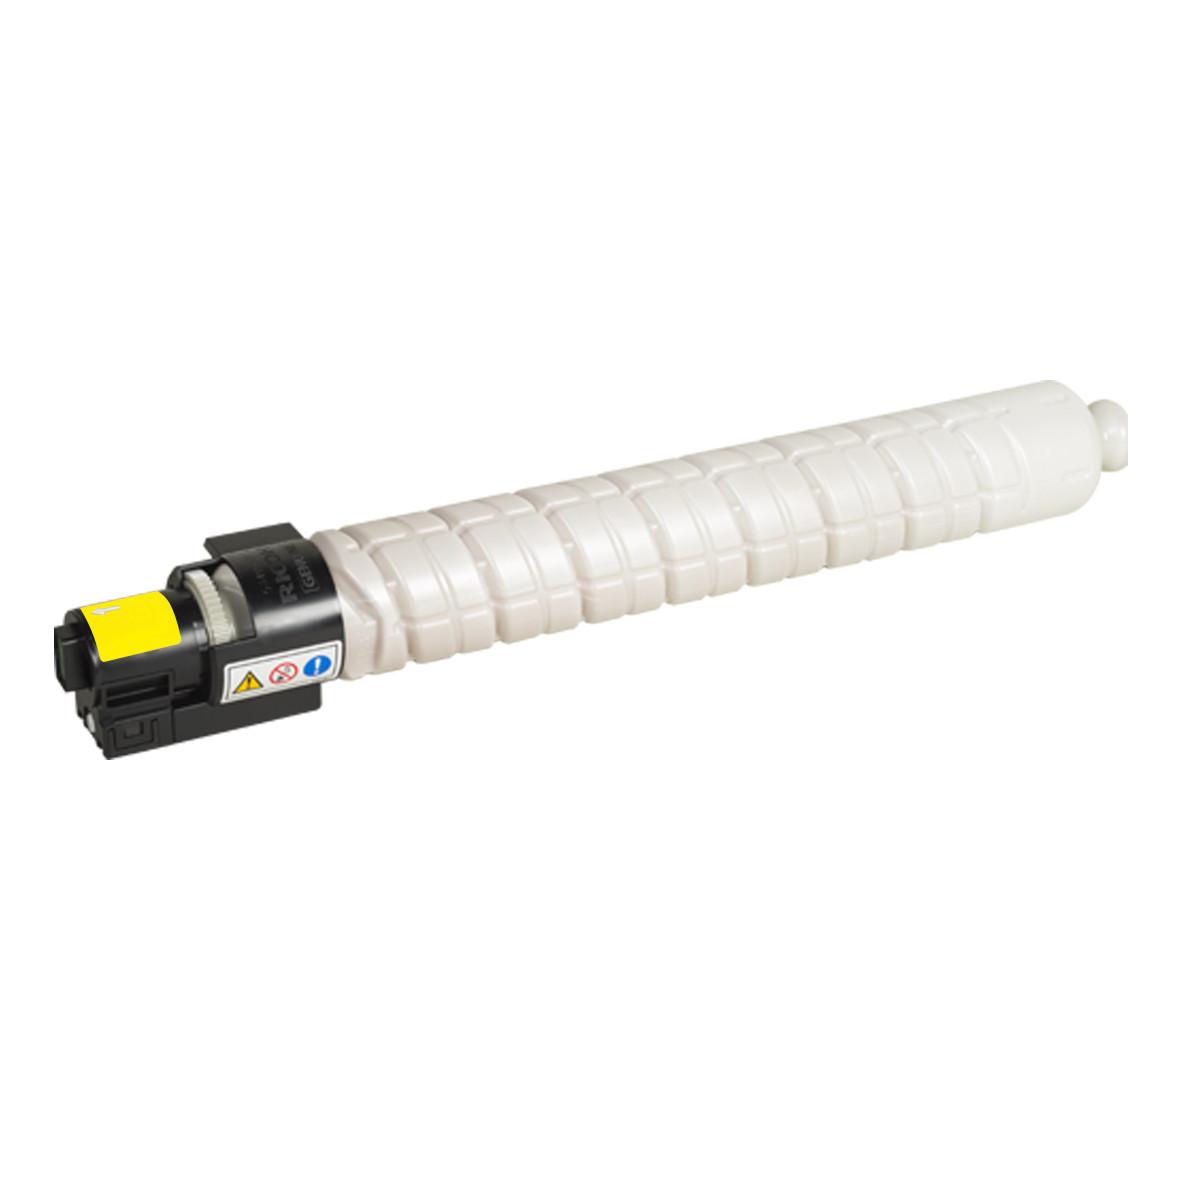 Toner Compatível com Ricoh 842308 Amarelo | MPC2000 MPC2500 MPC3000 | Zeus 10.5k